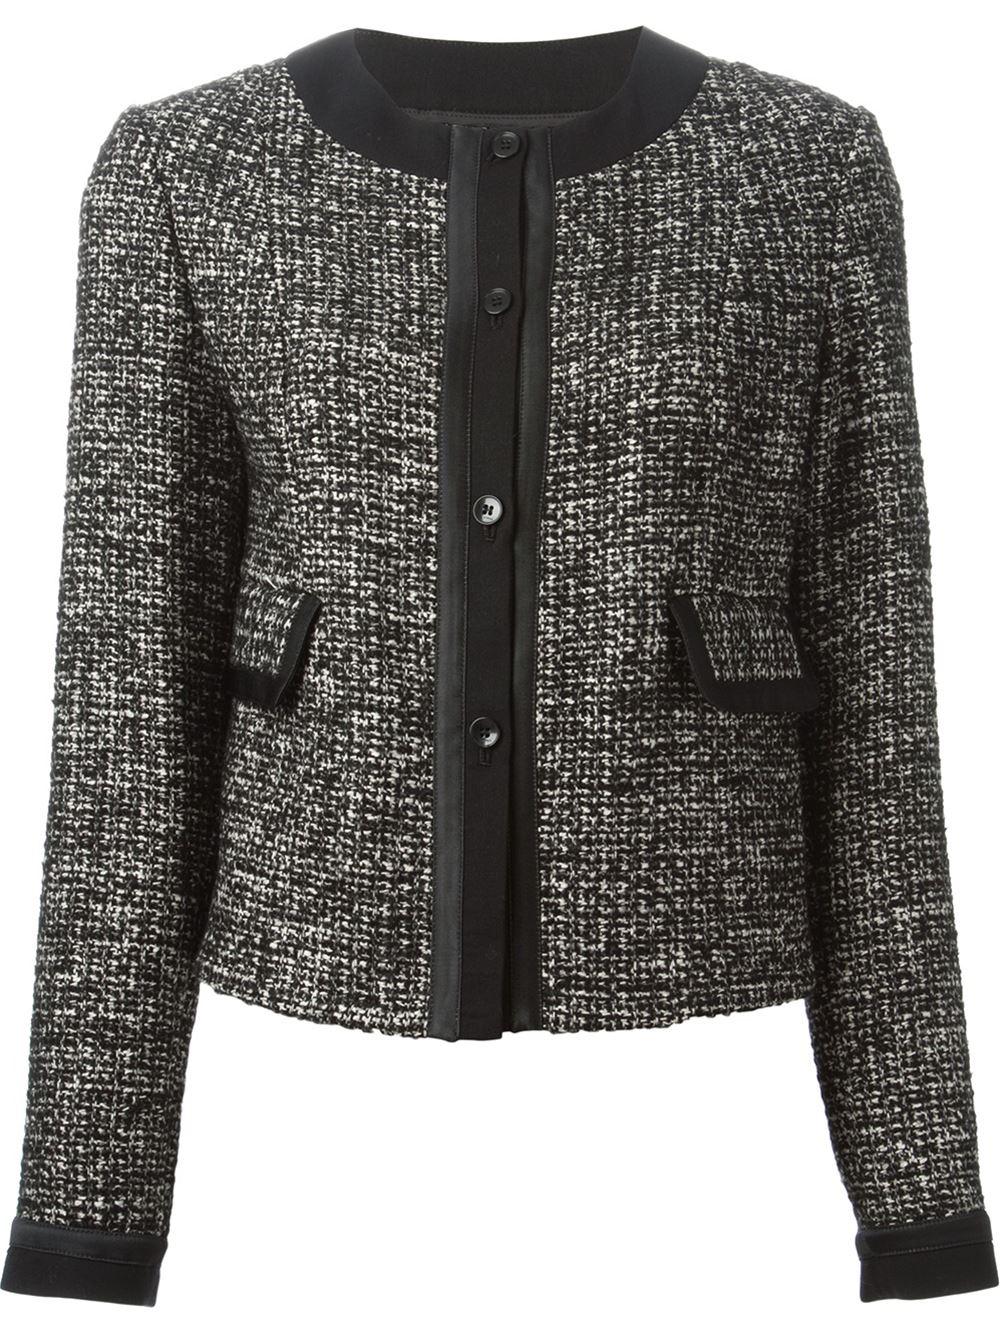 Etro Skirt Suit In Black Lyst